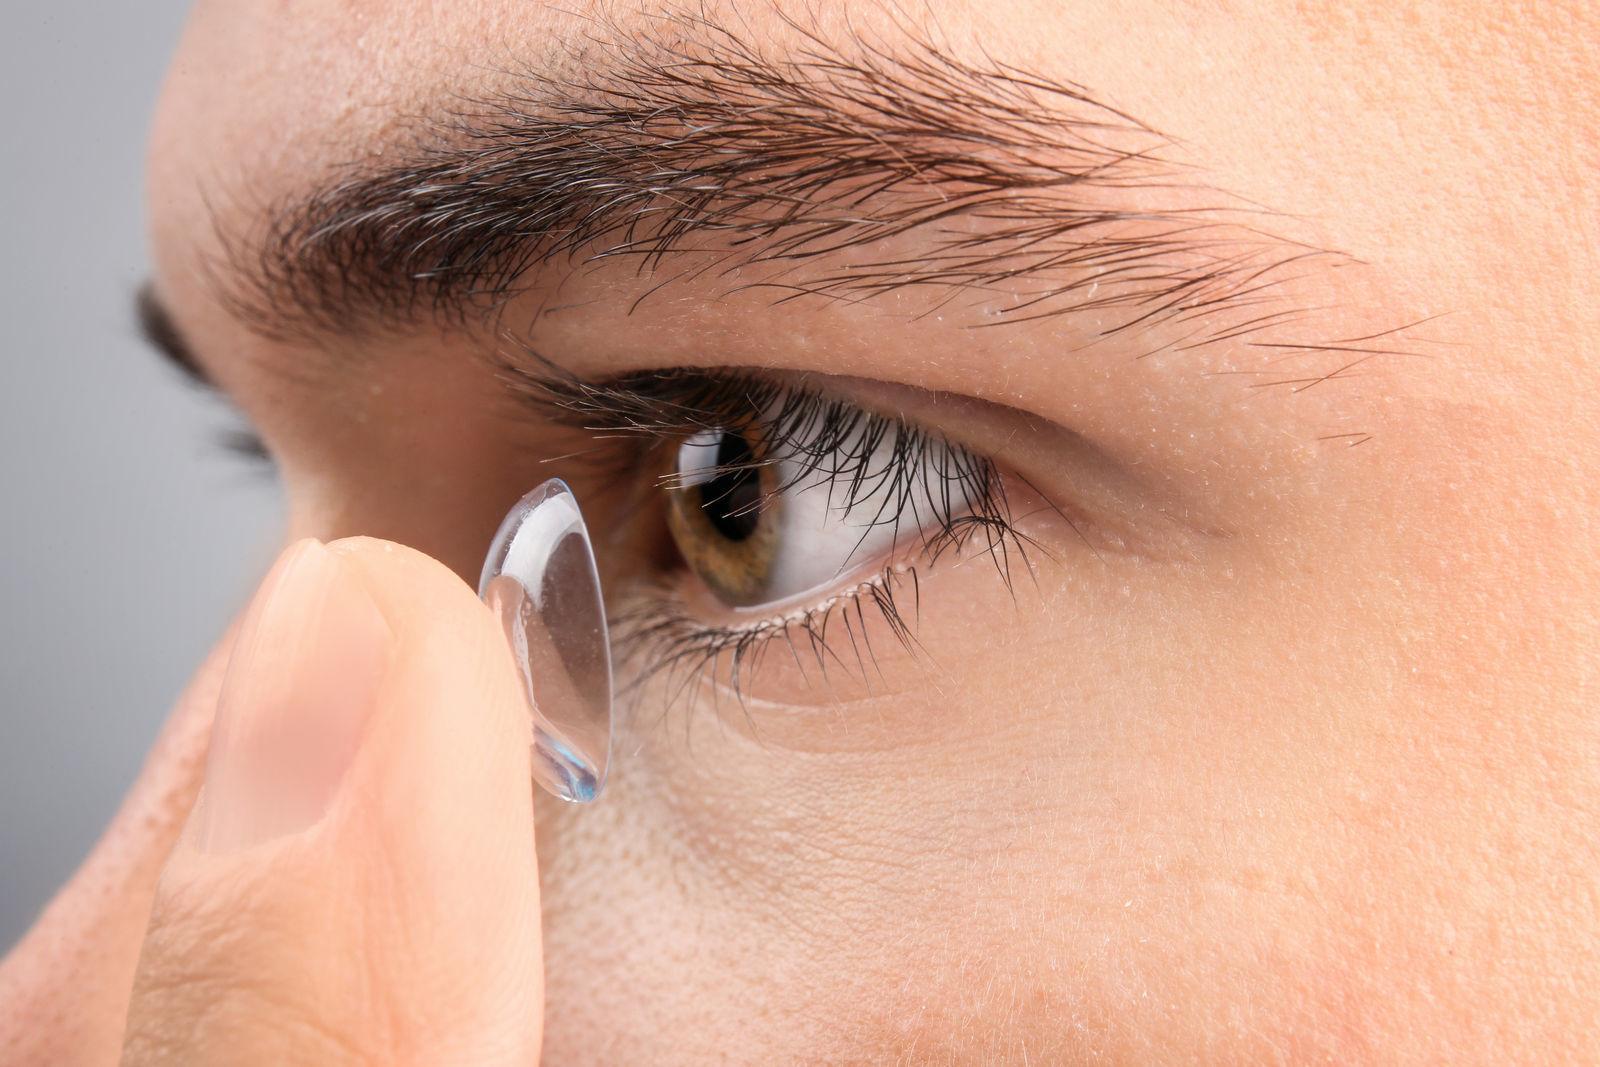 подросток надевает контактную линзу себе на глаз крупный план сбоку